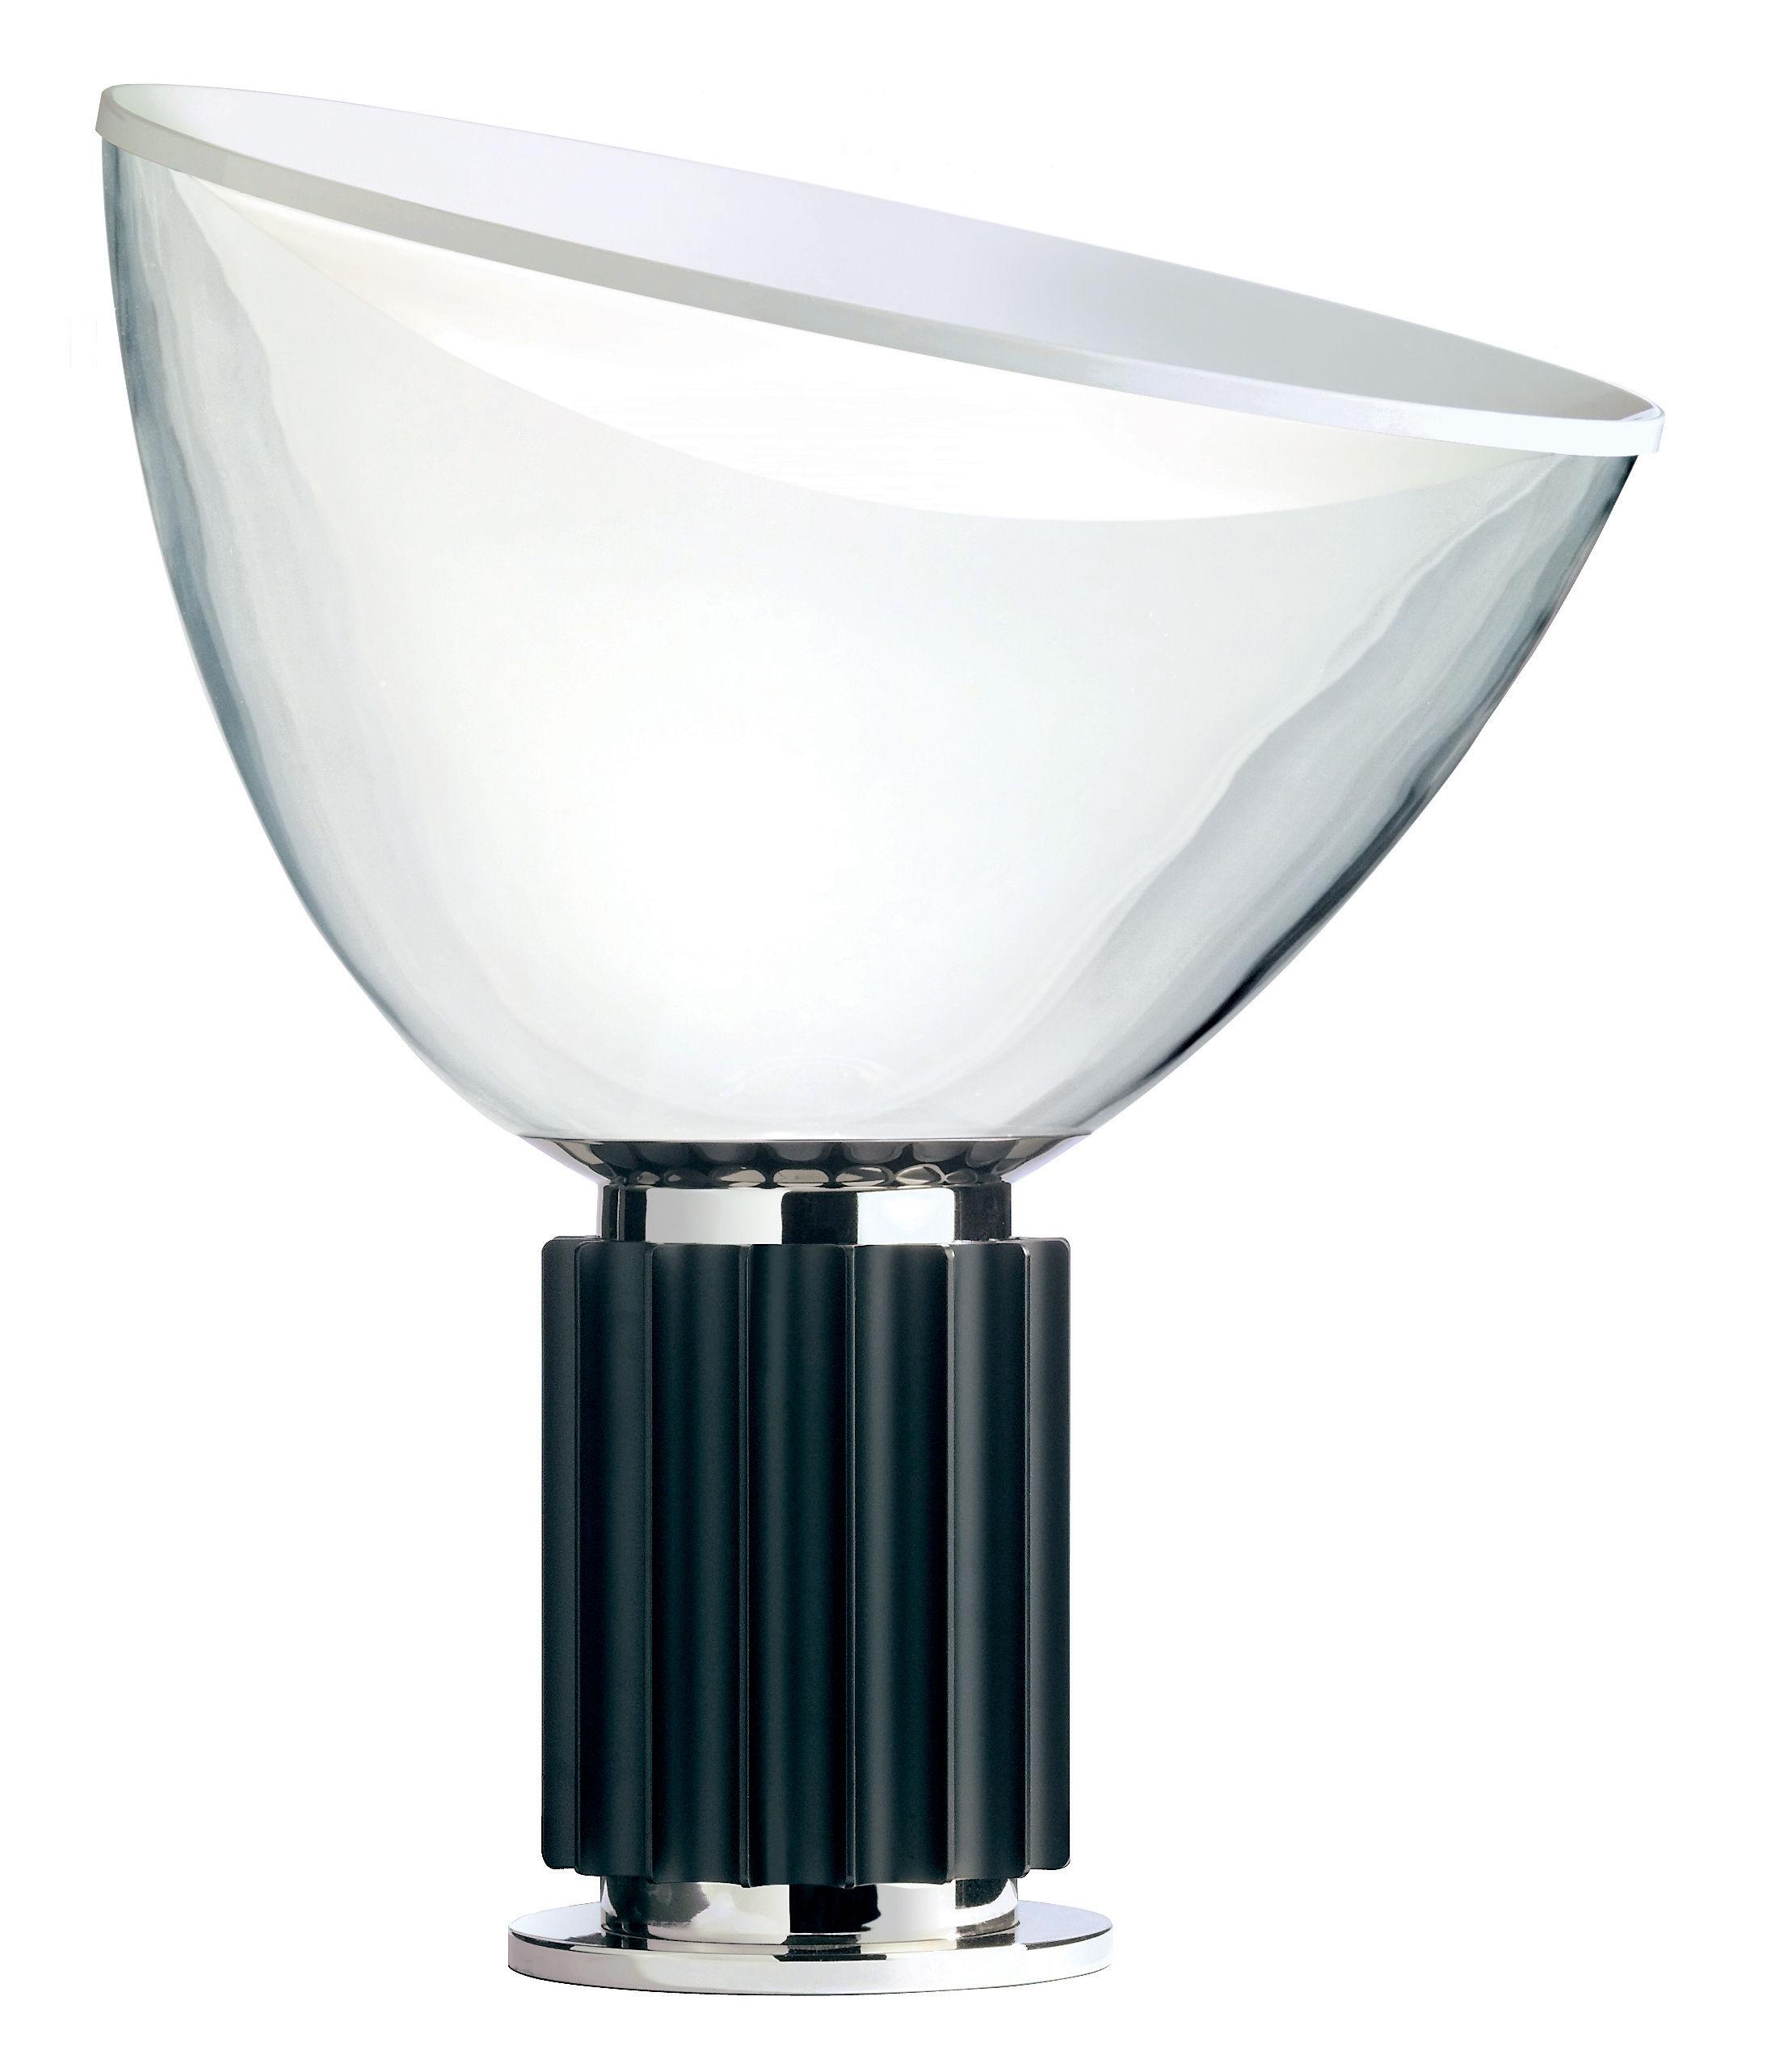 Scopri lampada da tavolo taccia base nera di flos made in design italia - Lampade da tavolo flos ...